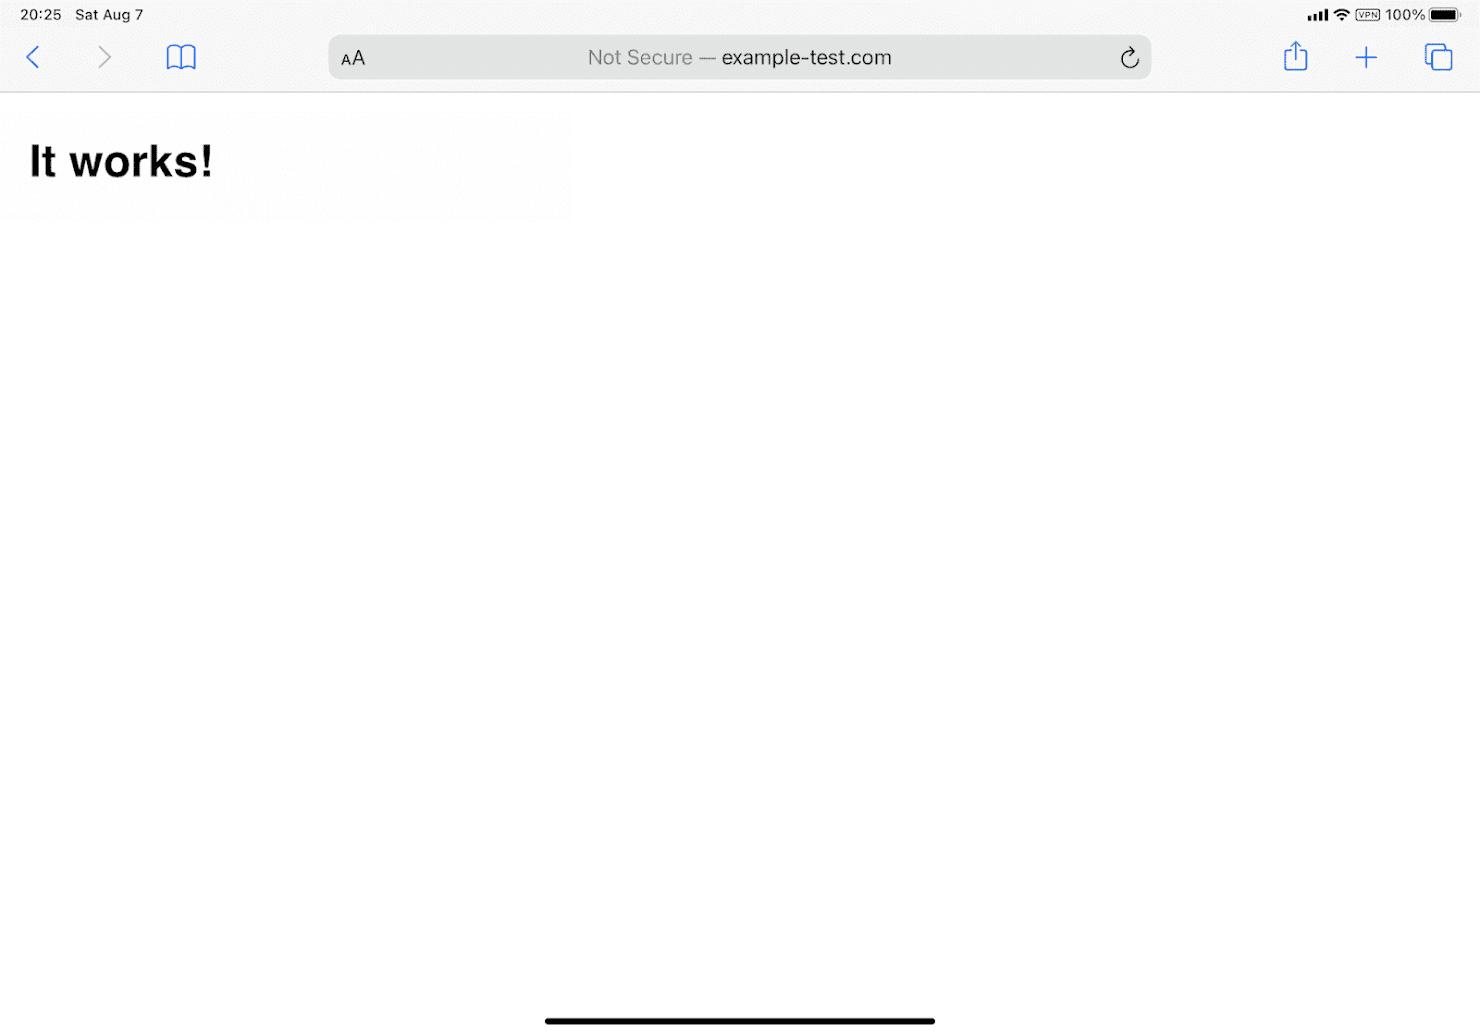 Safariにて、hostsファイルに記入したドメイン名へアクセスしたところ